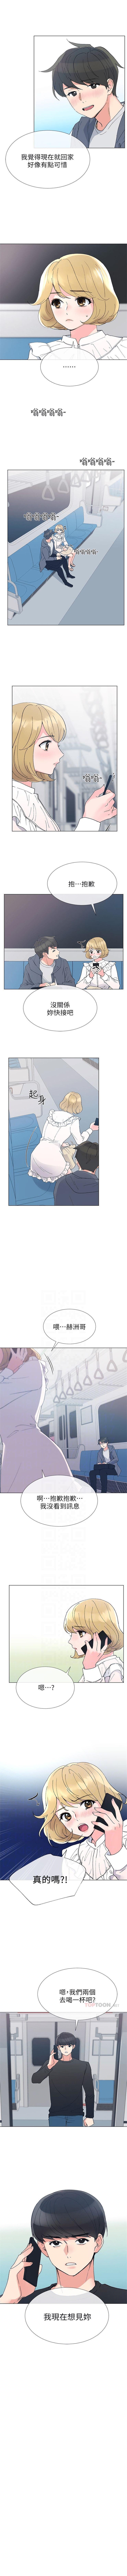 重考生 1-44 中文翻译(更新中) 265